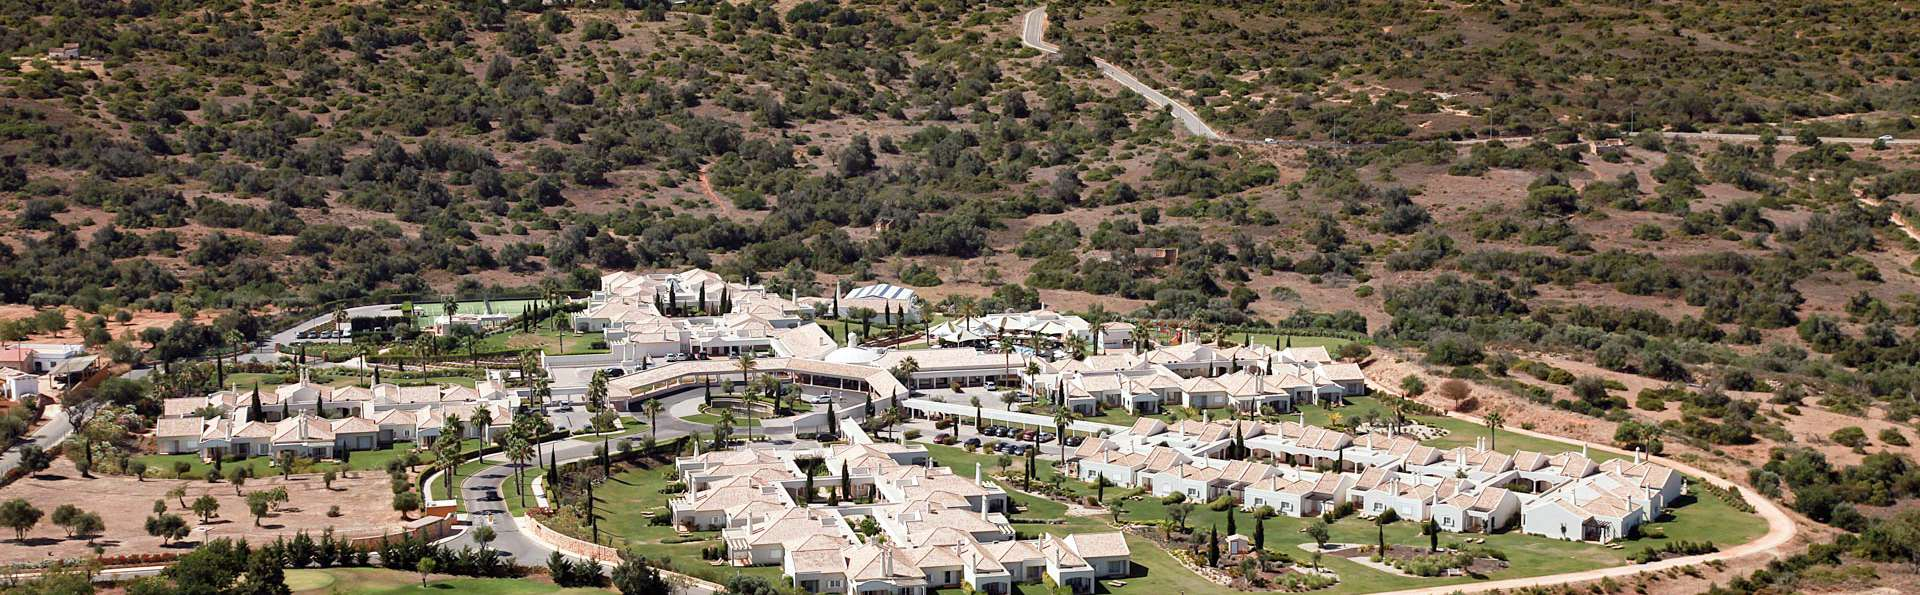 Vale d'Oliveiras Quinta Resort & Spa - EDIT_AERIAL_01.jpg